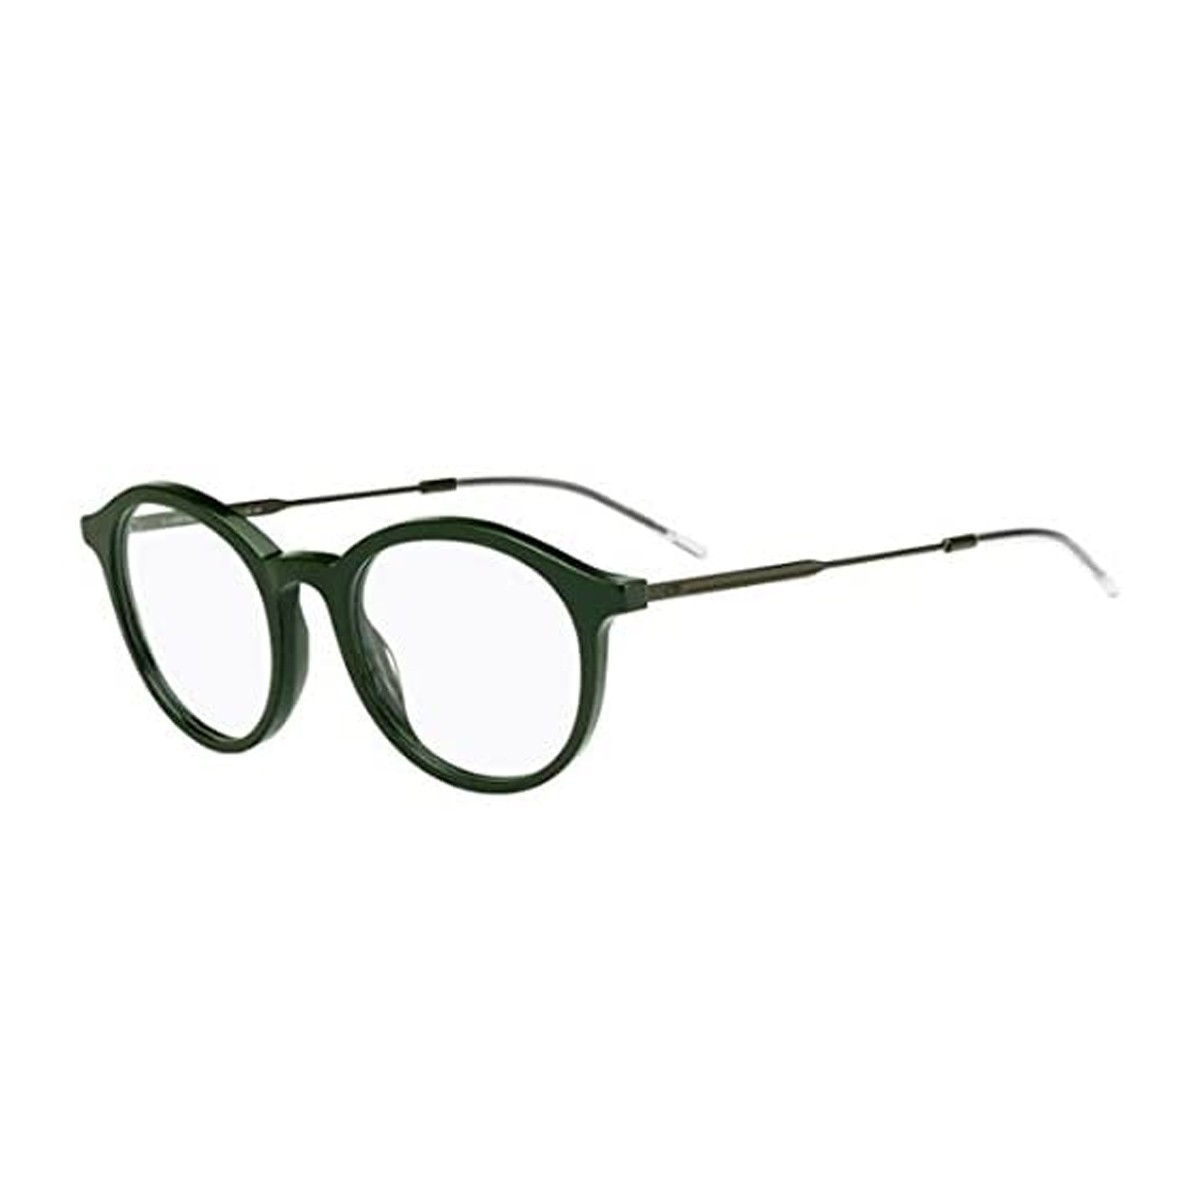 Dior Blacktie 209   Men's eyeglasses